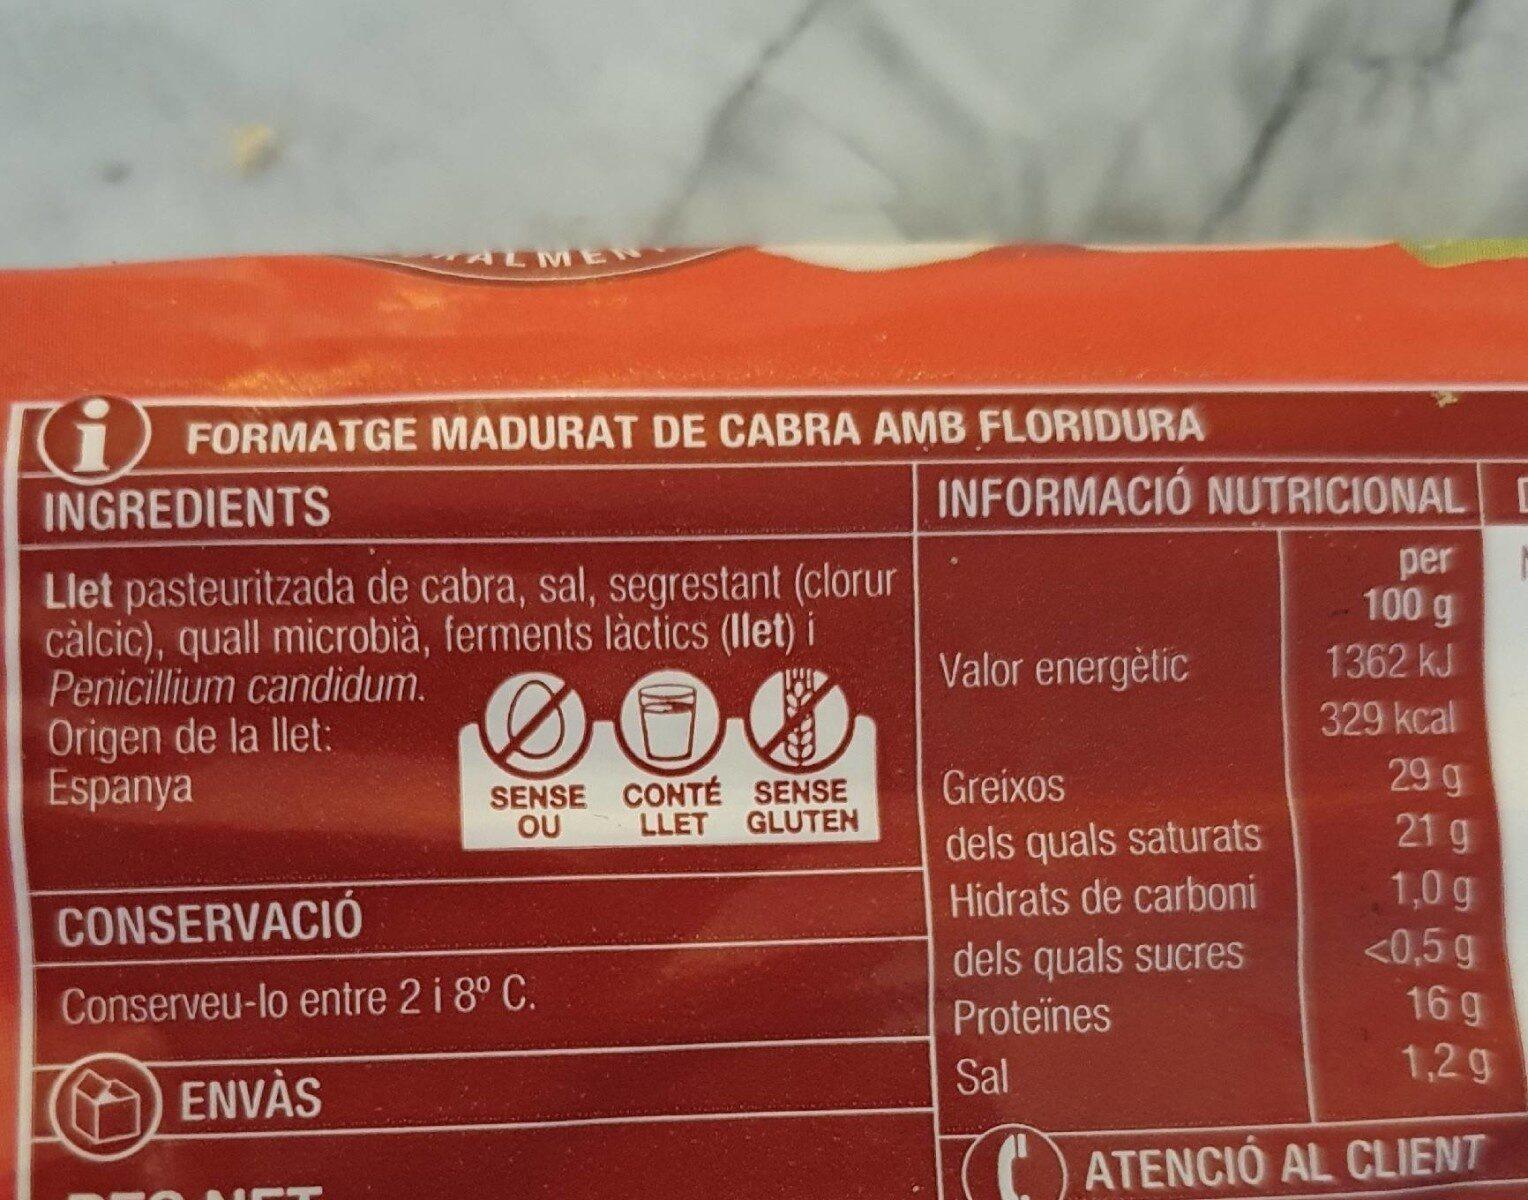 Formatge de cabra - Información nutricional - ca